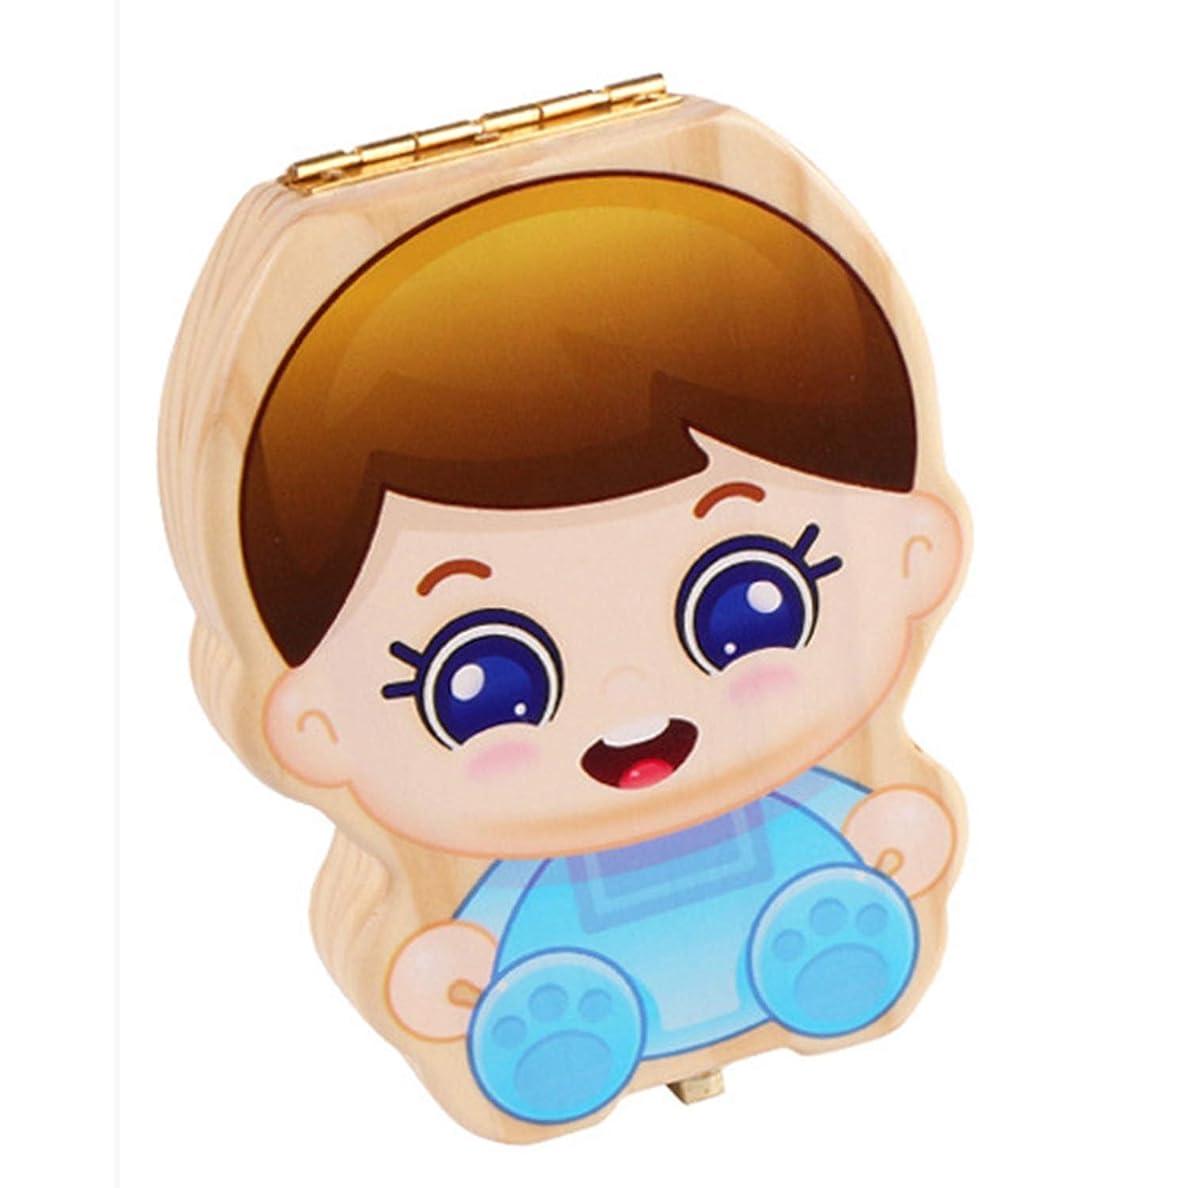 レビュアーハンサム注入するXigeapg 赤ちゃんの歯ボックス キッズオーガナイザー 乳歯収納 木製赤ちゃんの歯ボックス 男の子の女の子のために 歯臍帯保存、ブルー